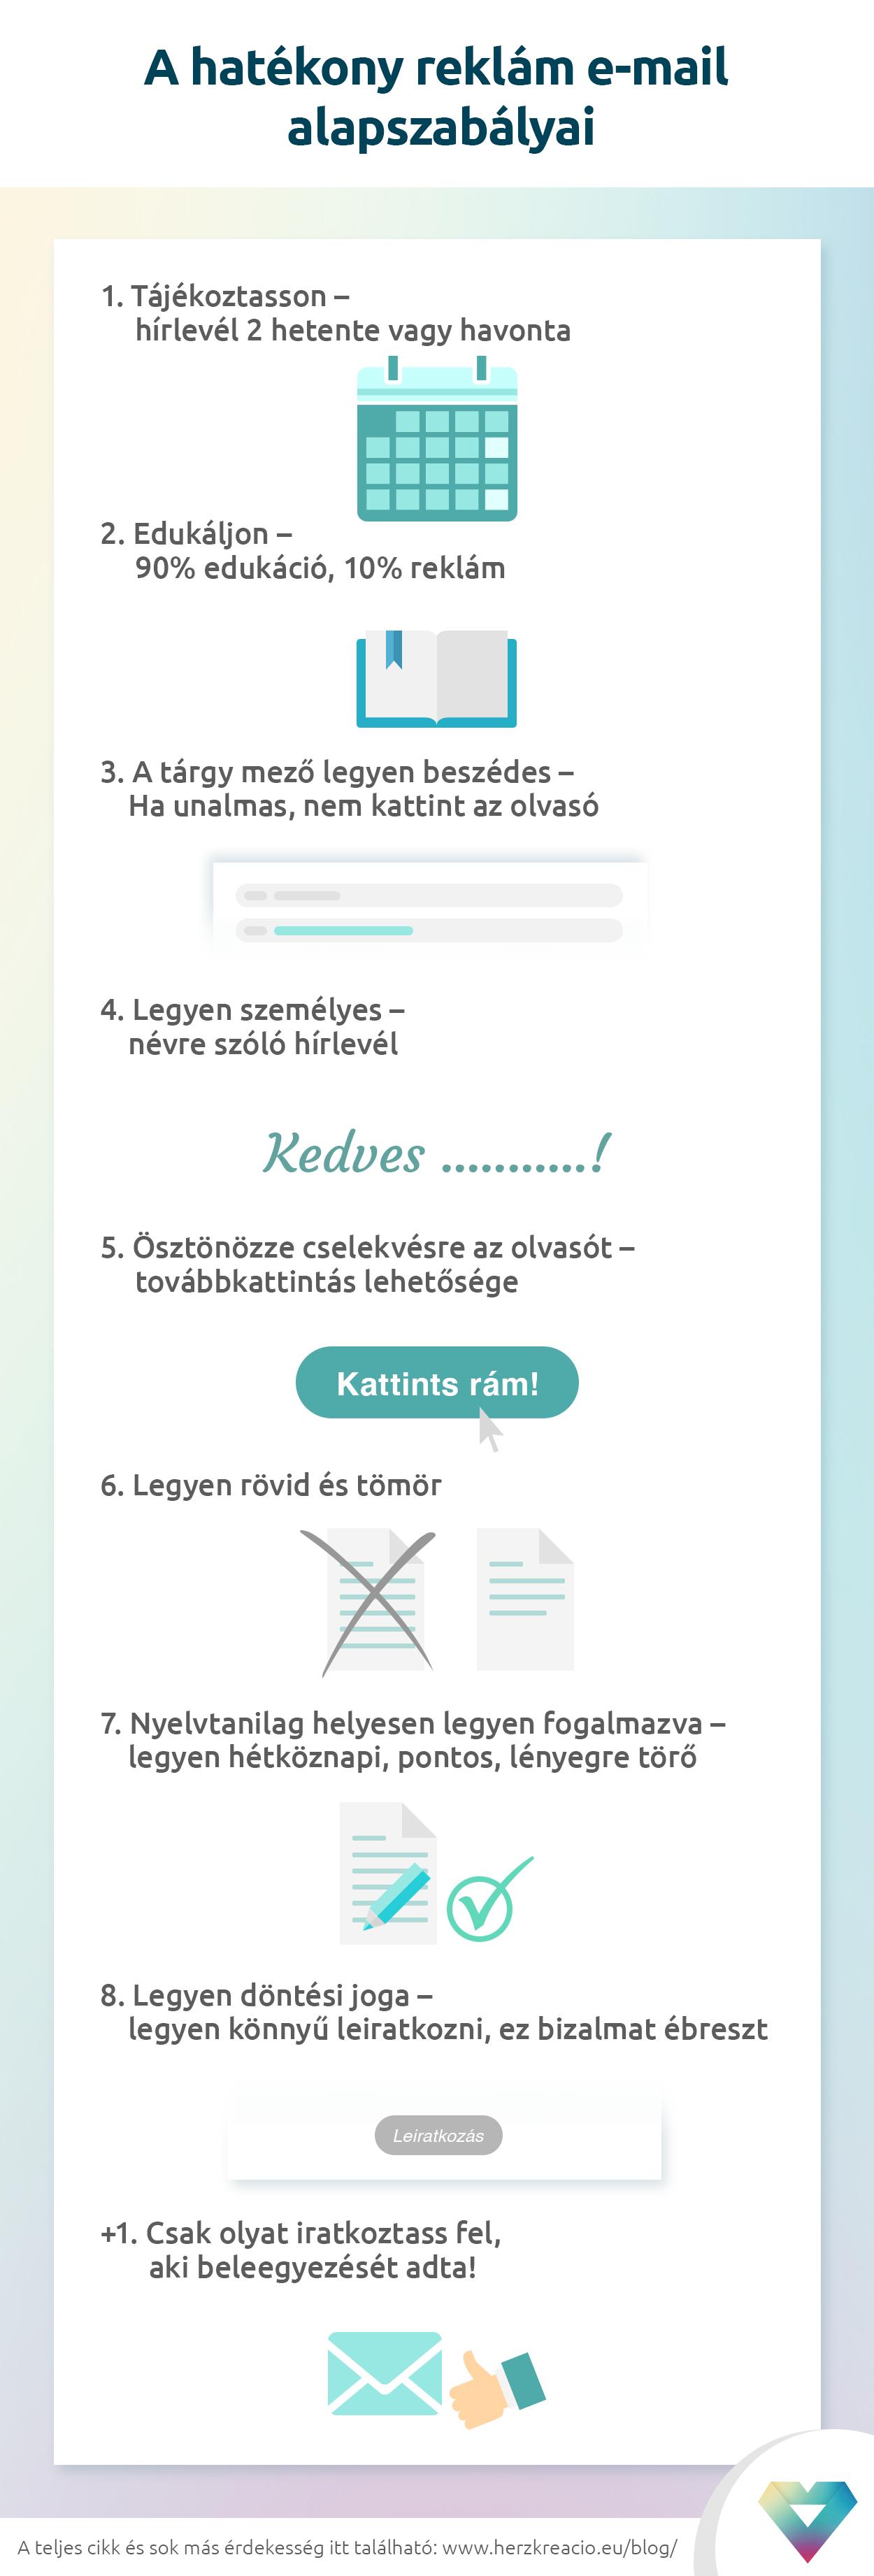 Hatékony reklám e-mail